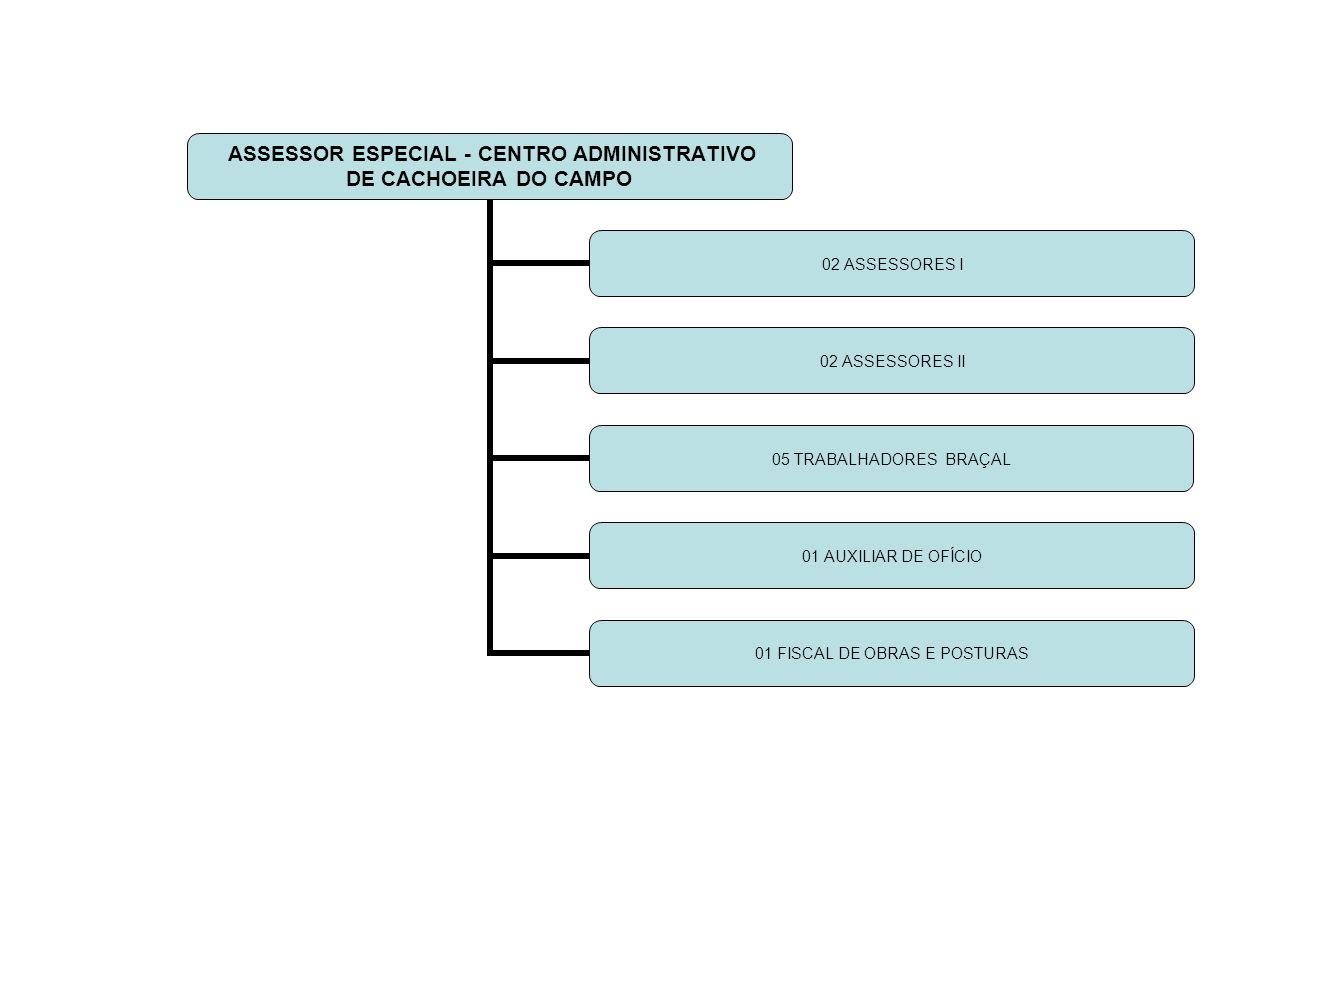 ASSESSOR ESPECIAL - CENTRO ADMINISTRATIVO DE CACHOEIRA DO CAMPO 02 ASSESSORES I 02 ASSESSORES II 05 TRABALHADORES BRAÇAL 01 AUXILIAR DE OFÍCIO 01 FISCAL DE OBRAS E POSTURAS